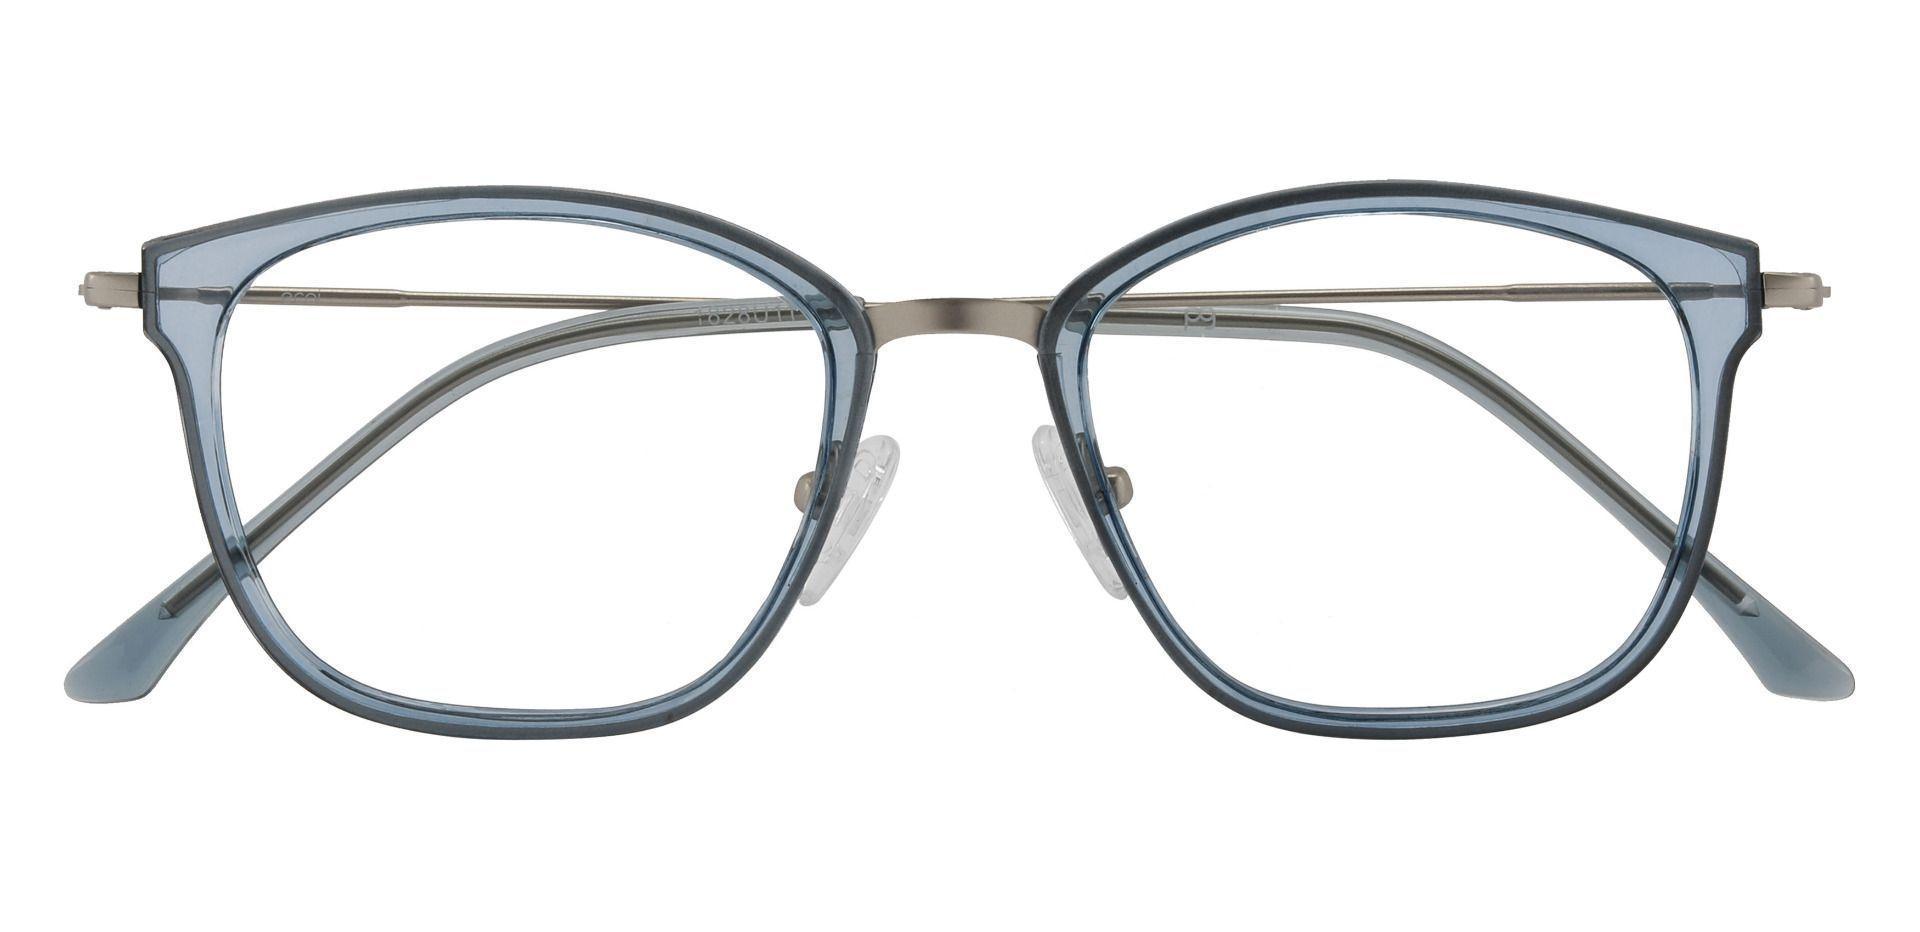 Brooklyn Square Prescription Glasses - Blue